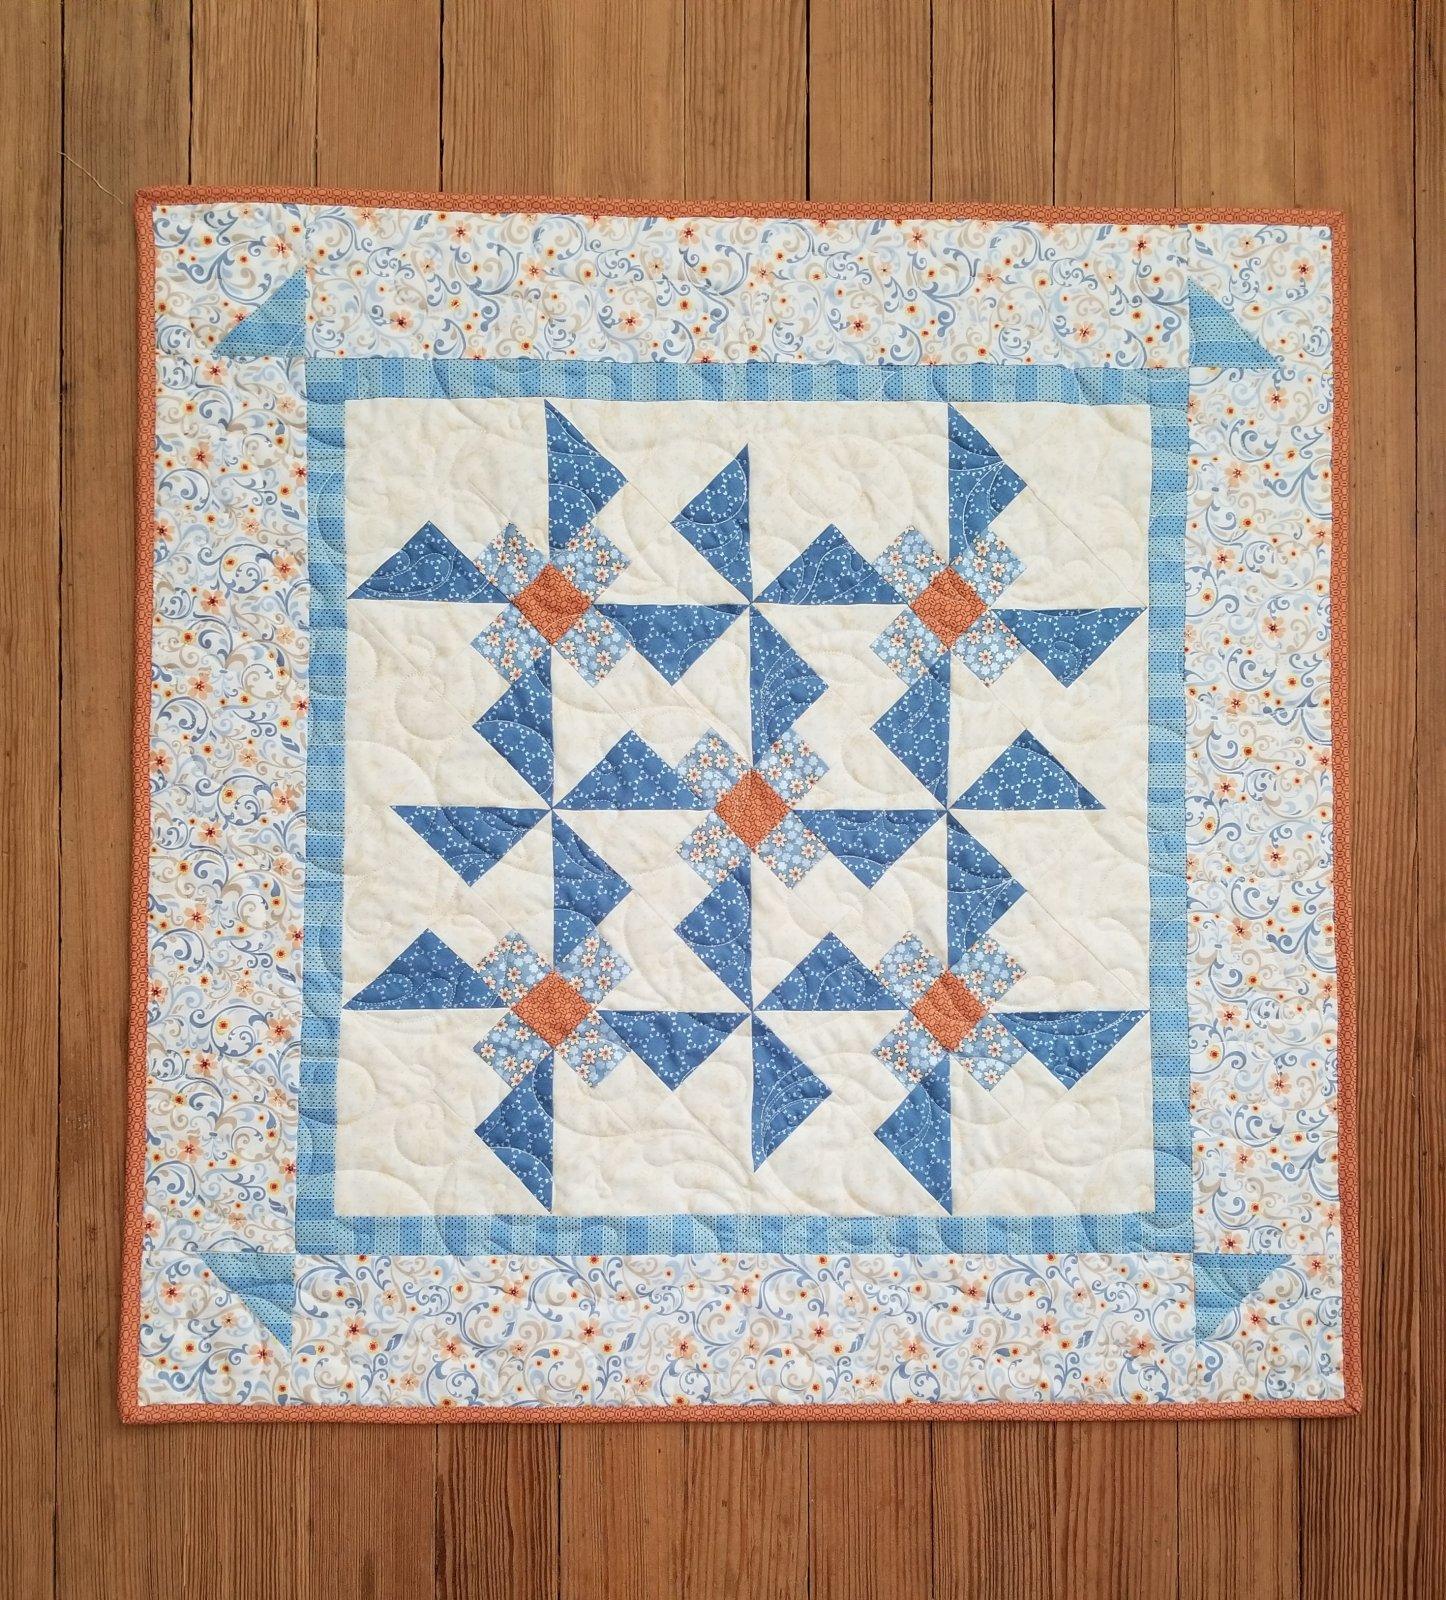 Town Square Pinwheels & Posies Quilt Kit